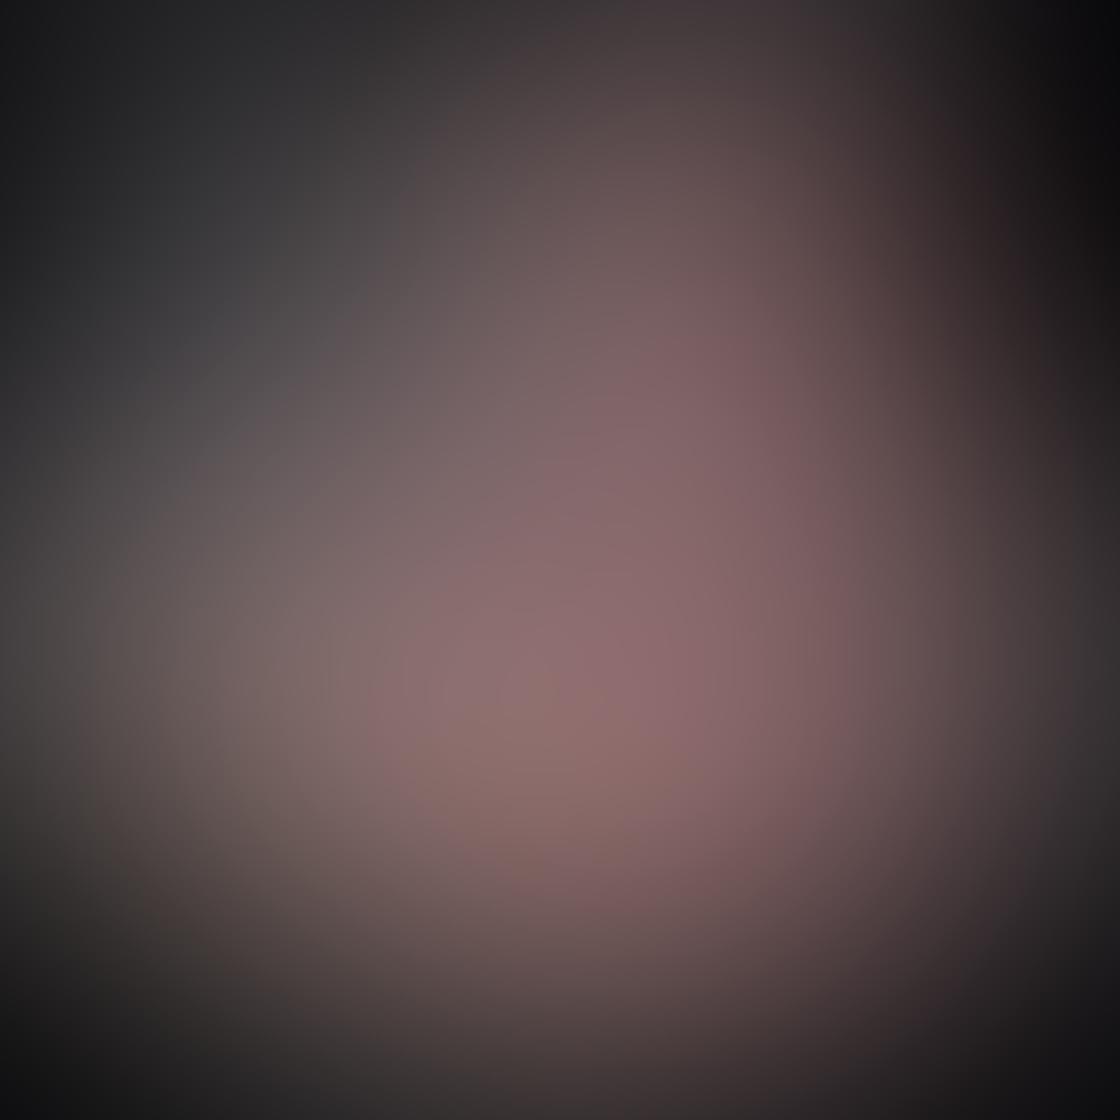 iPhone Photo 1